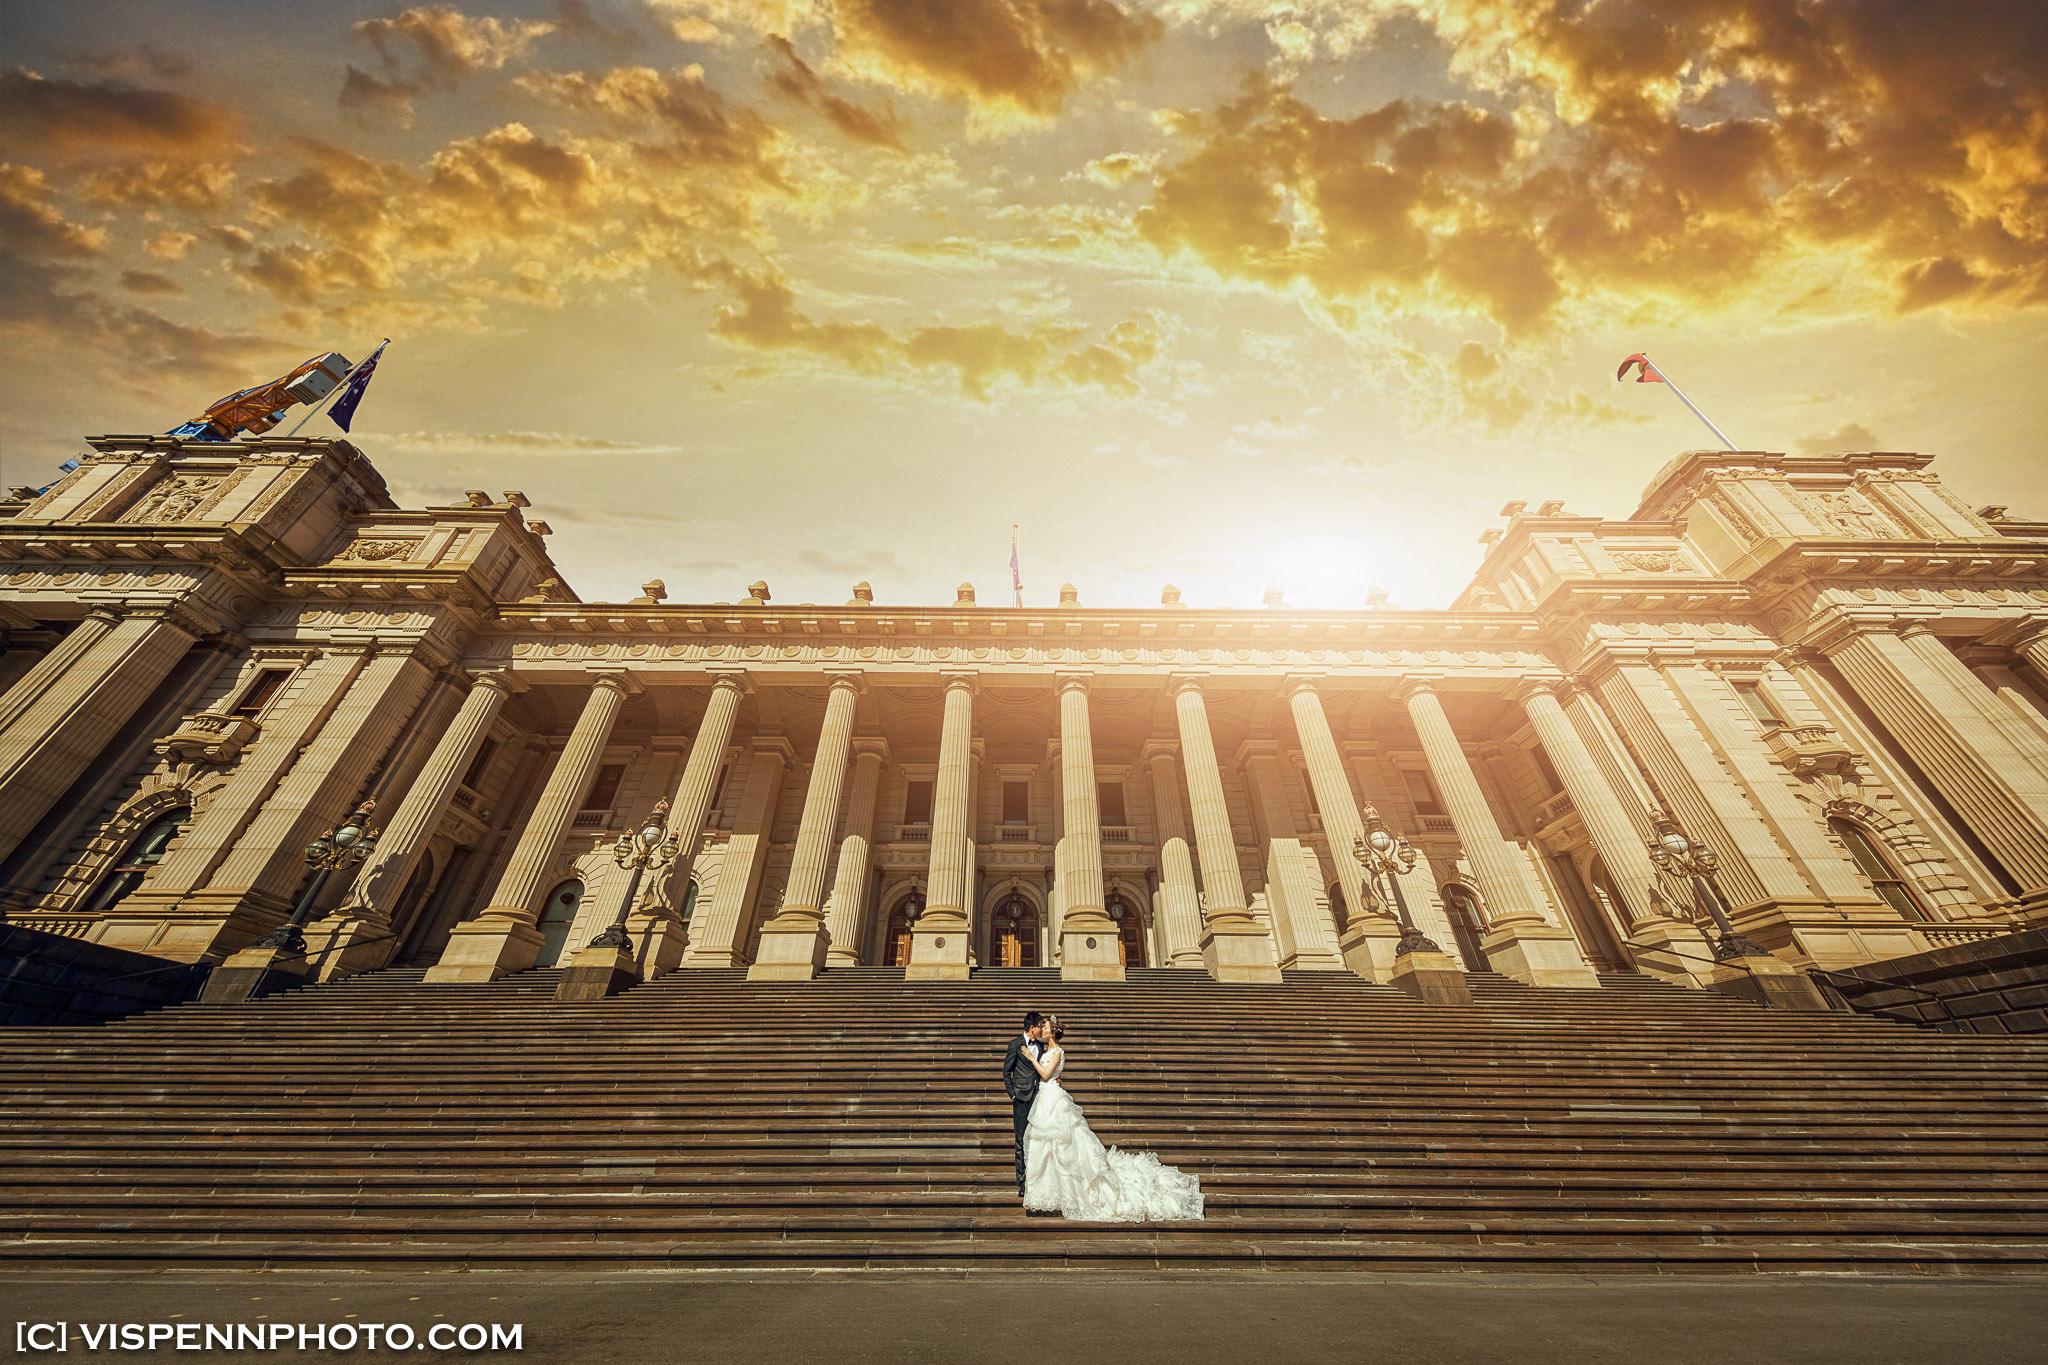 PRE WEDDING Photography Melbourne ZHPENN AllenWang 1655 1